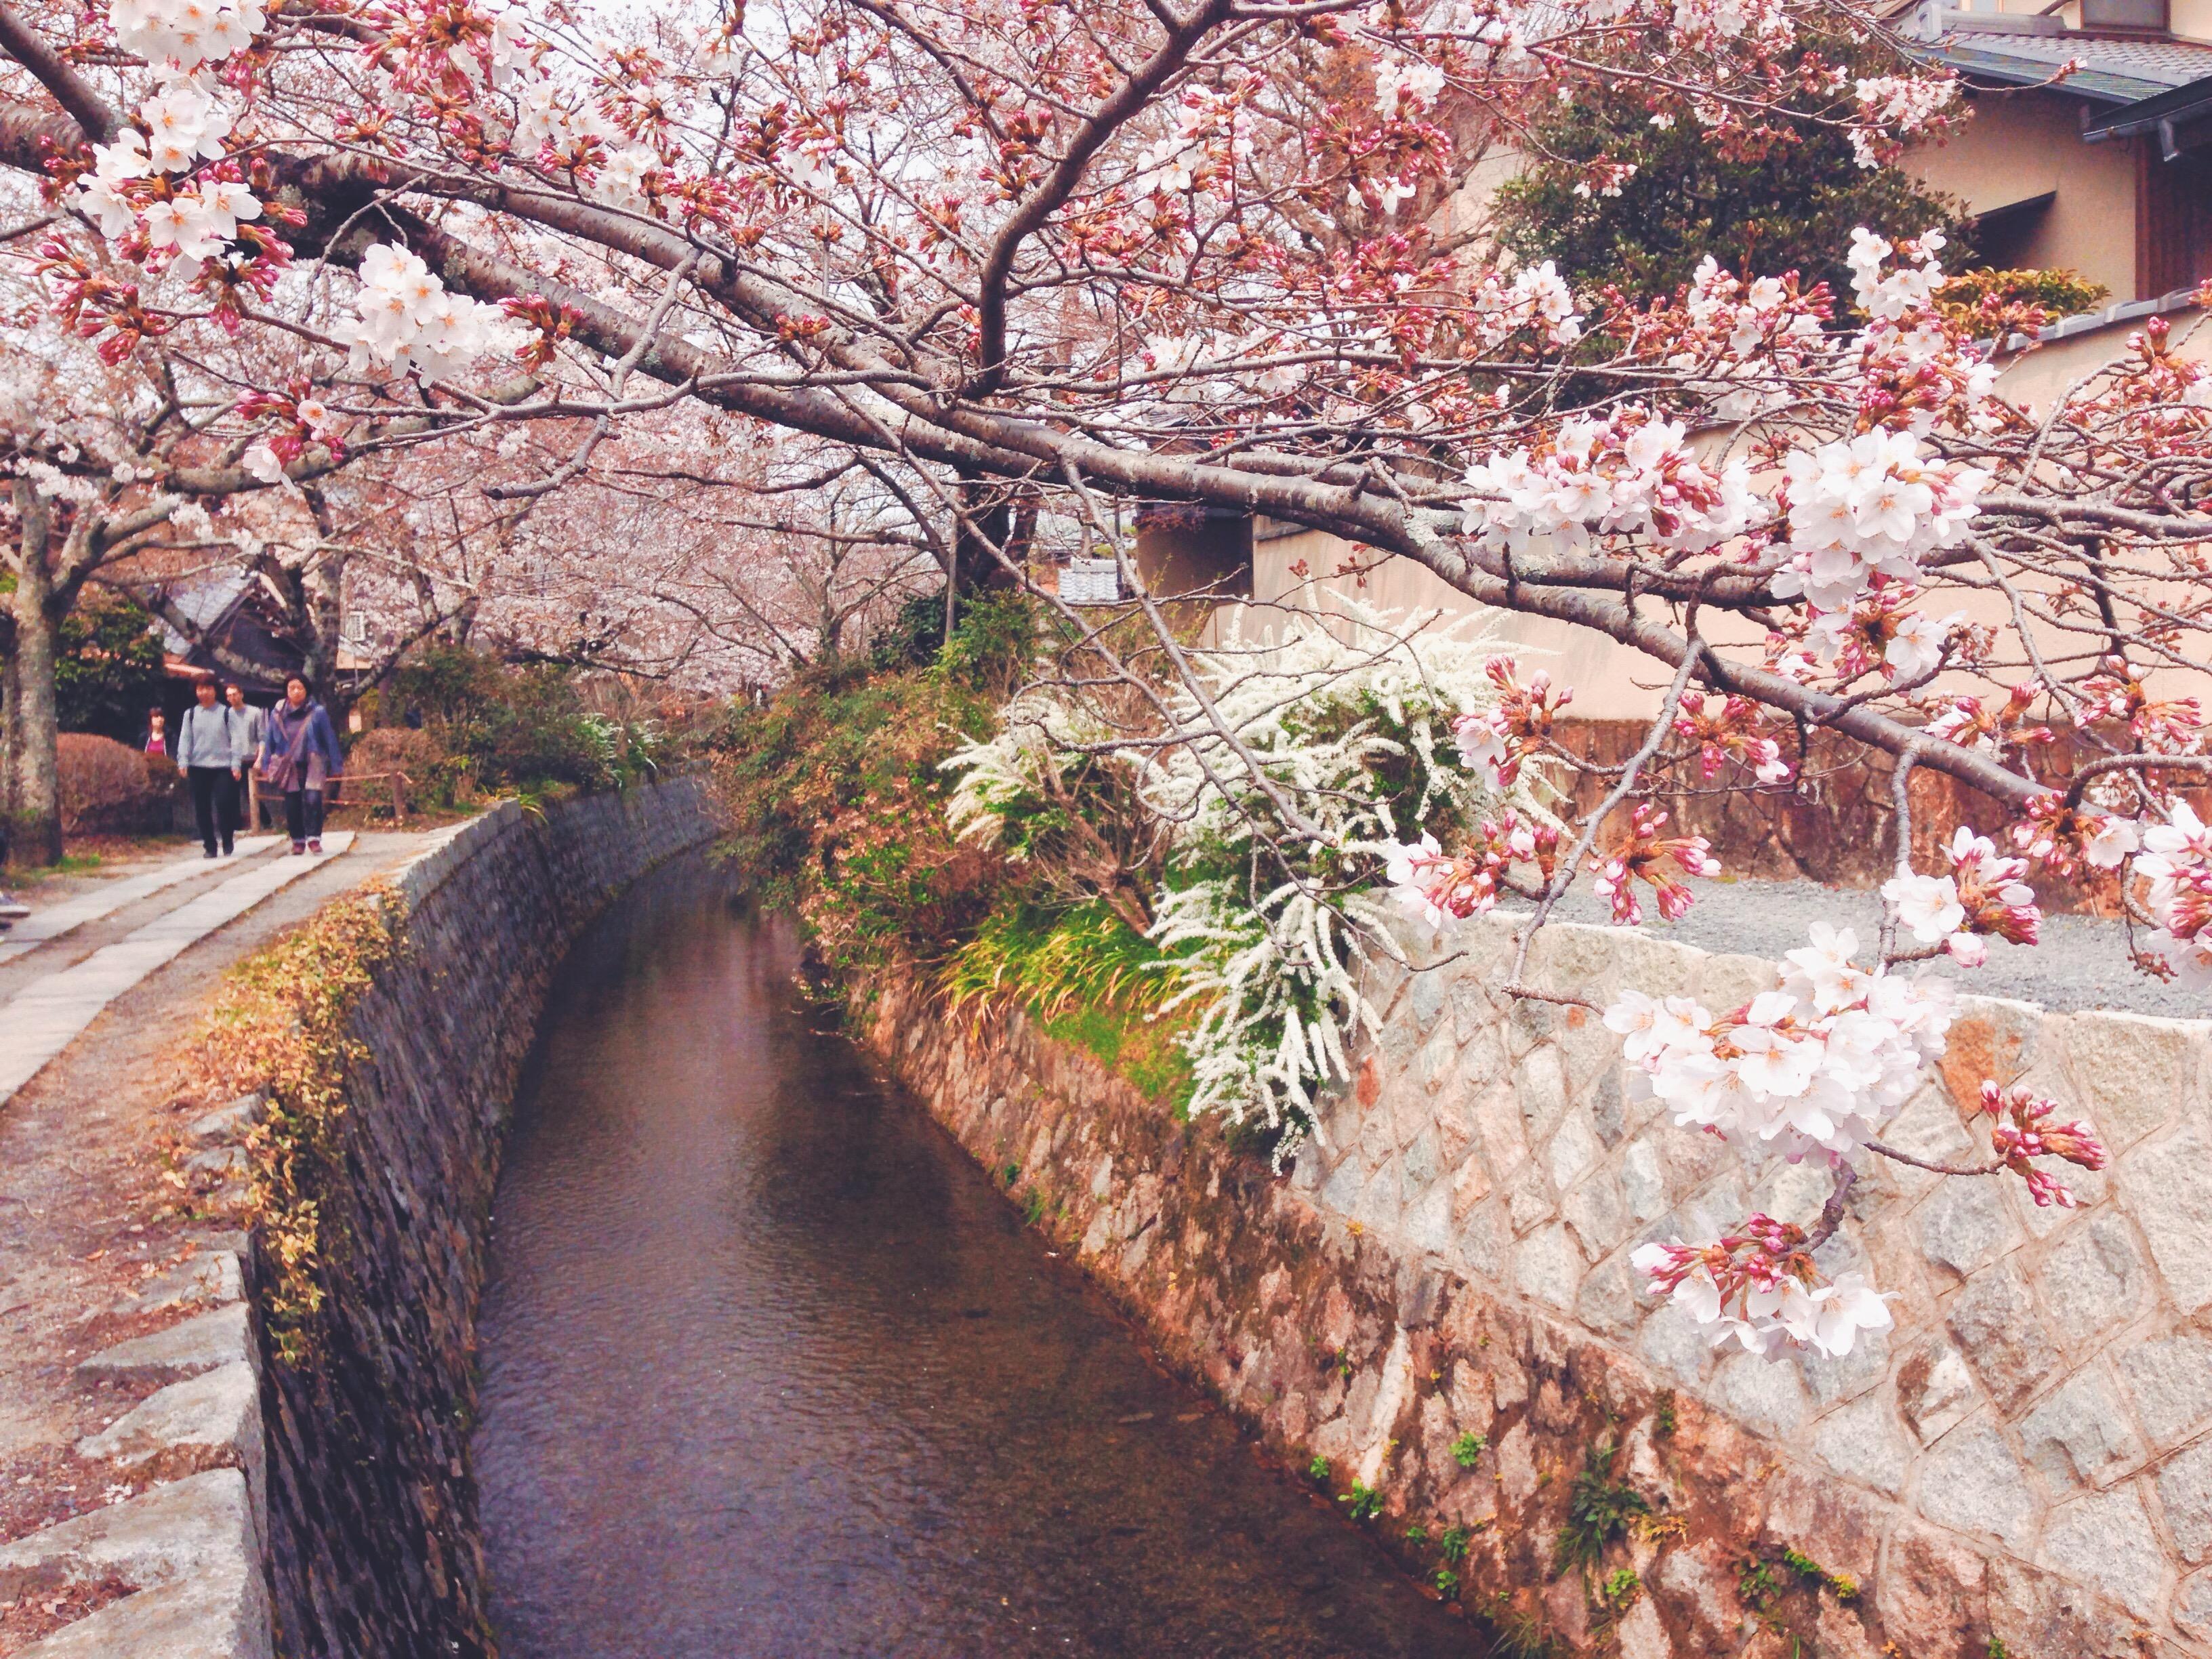 Ciliegi in fiore a Kyoto lungo la passeggiata del filosofo in Giappone